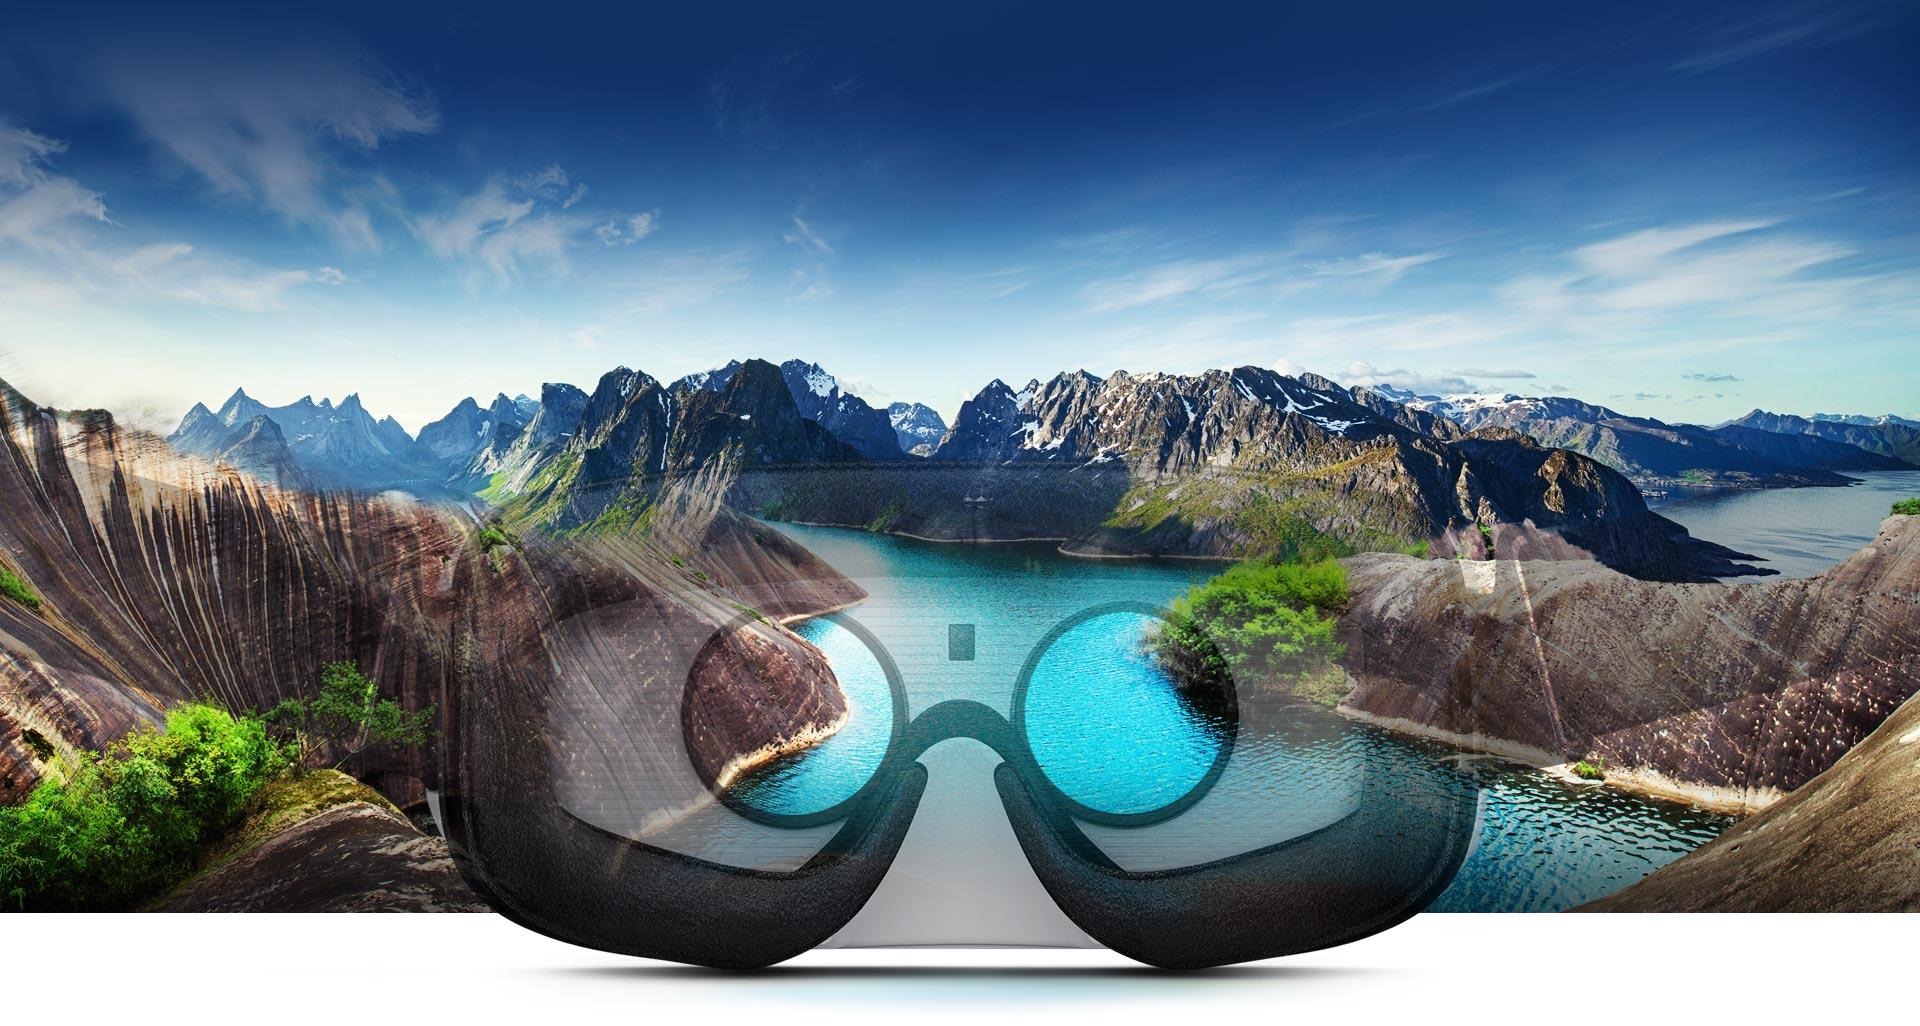 kinh thuc te ao samsung Gear vr r323 chinh hang 19 - Kính thực tế ảo Samsung Gear VR 2 chính hãng